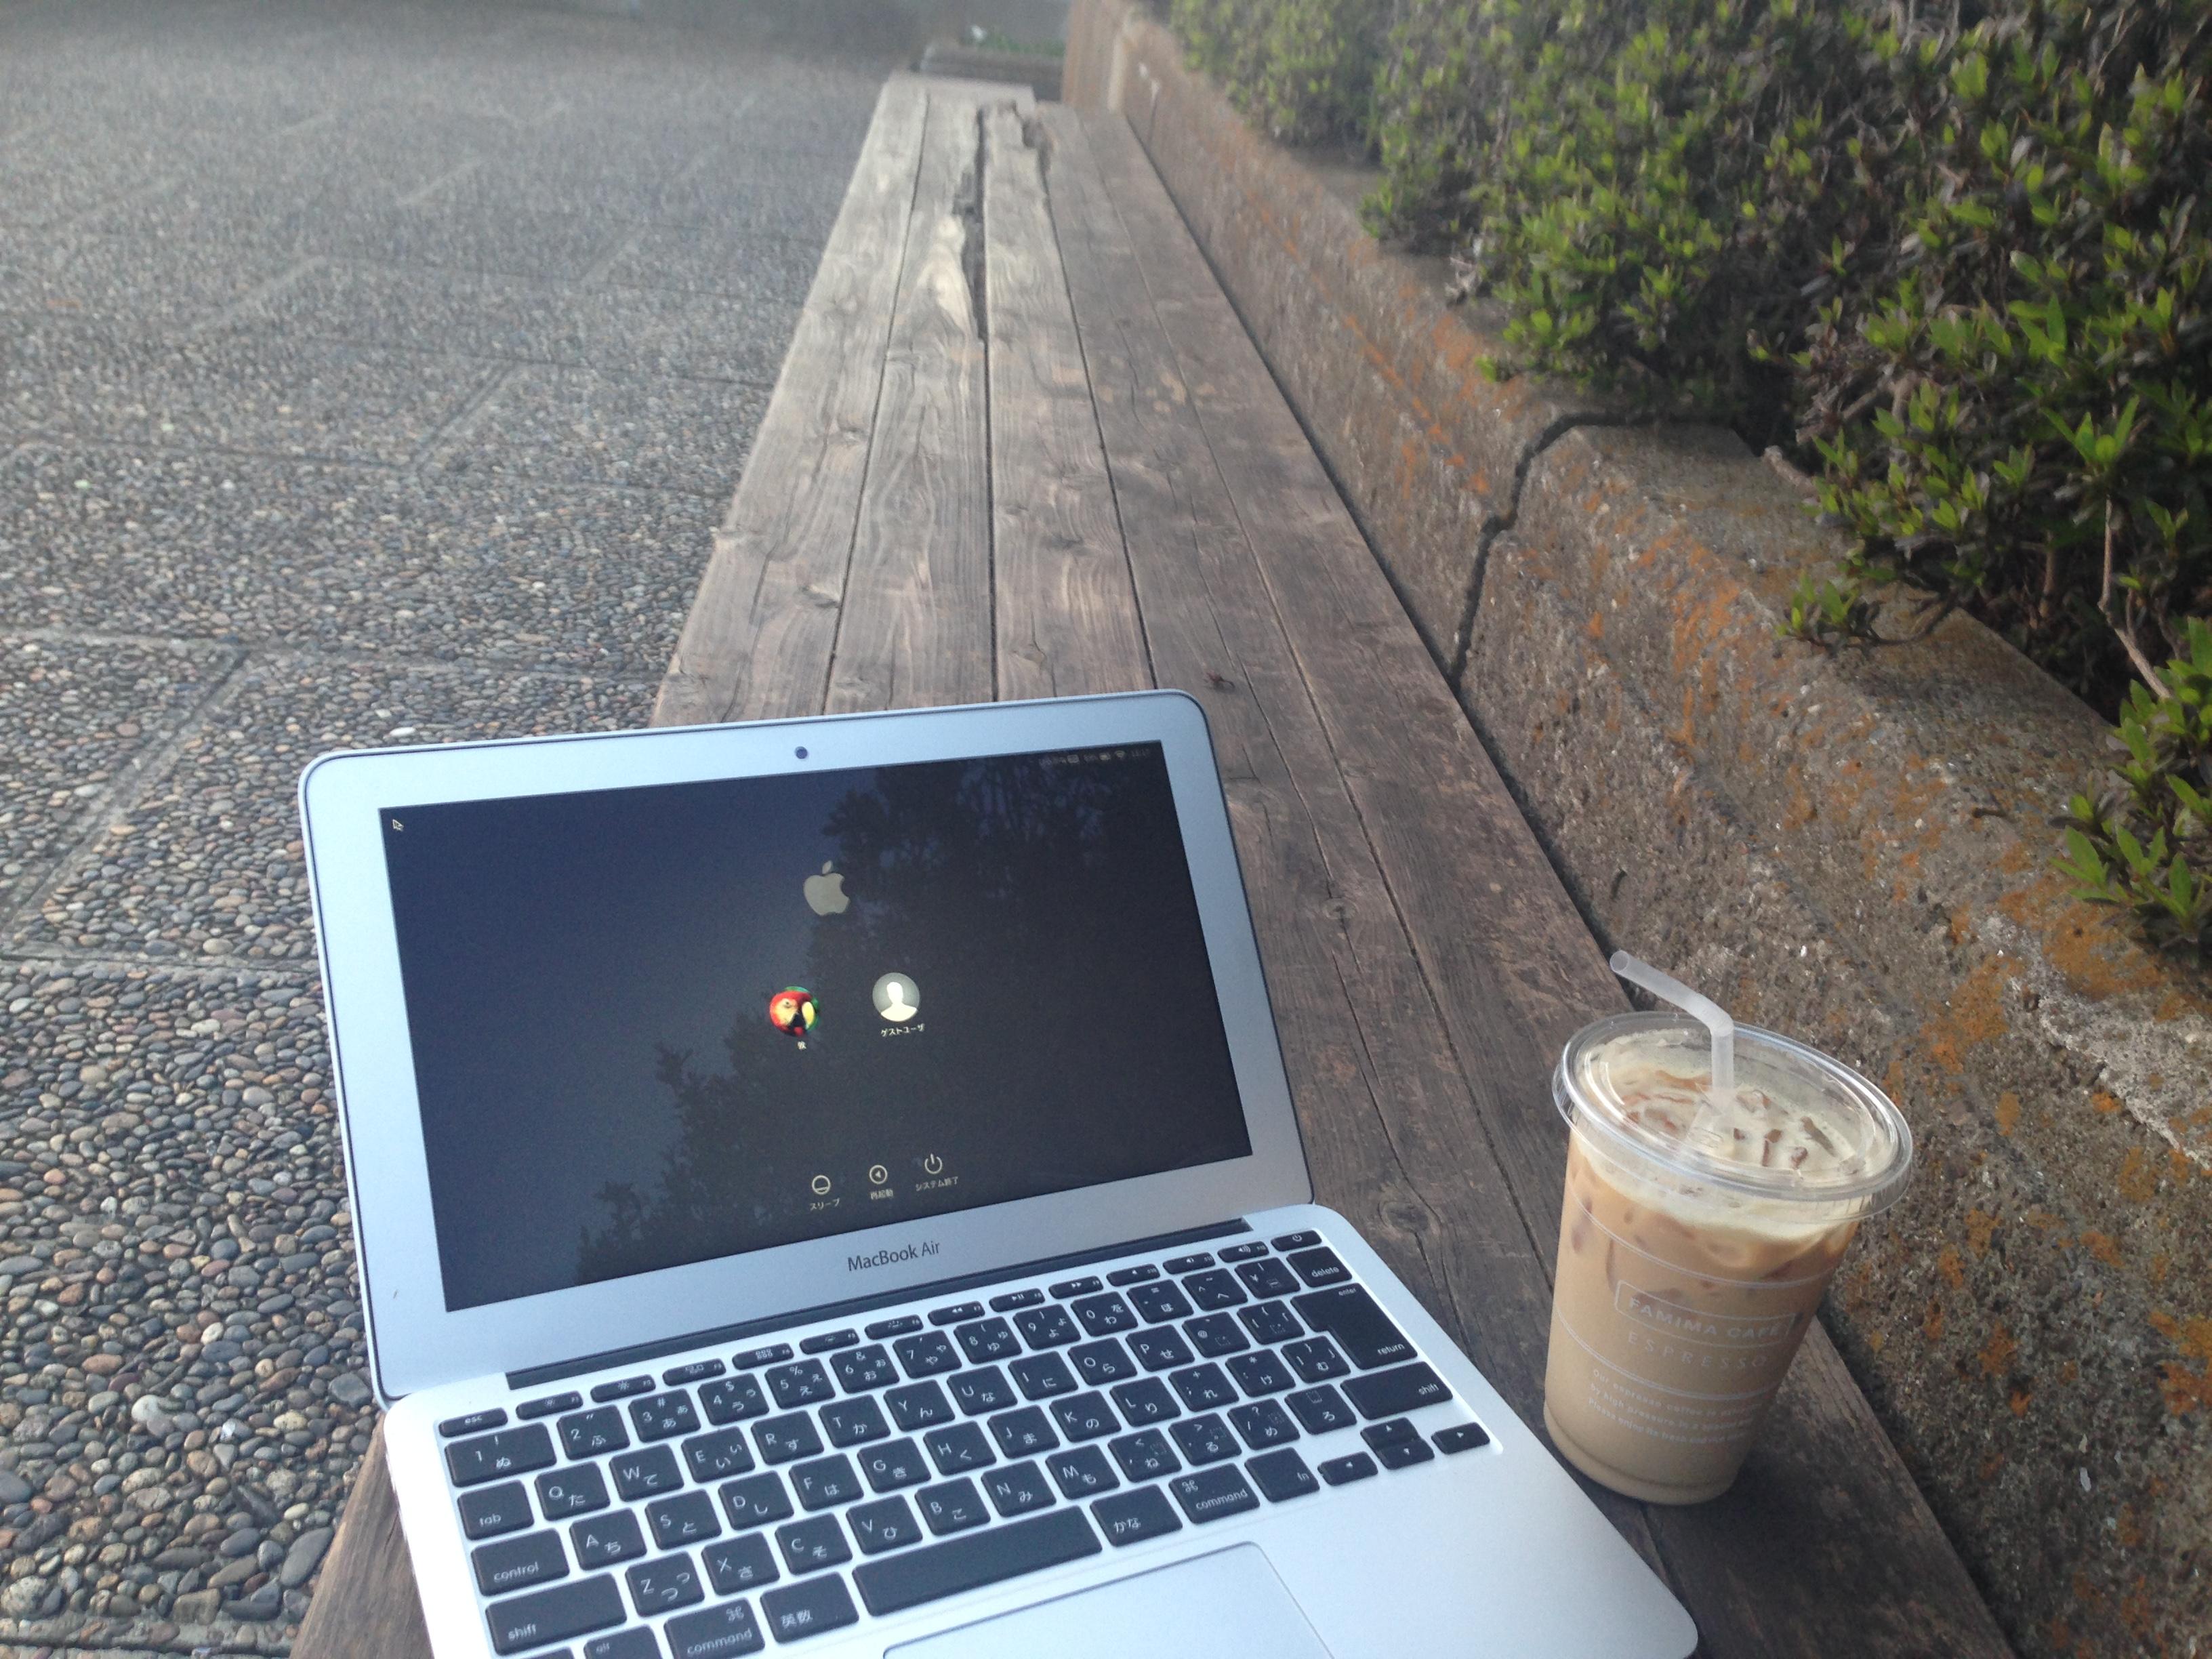 もうカフェが混んでいても関係ない!屋外で仕事する3つのメリット。